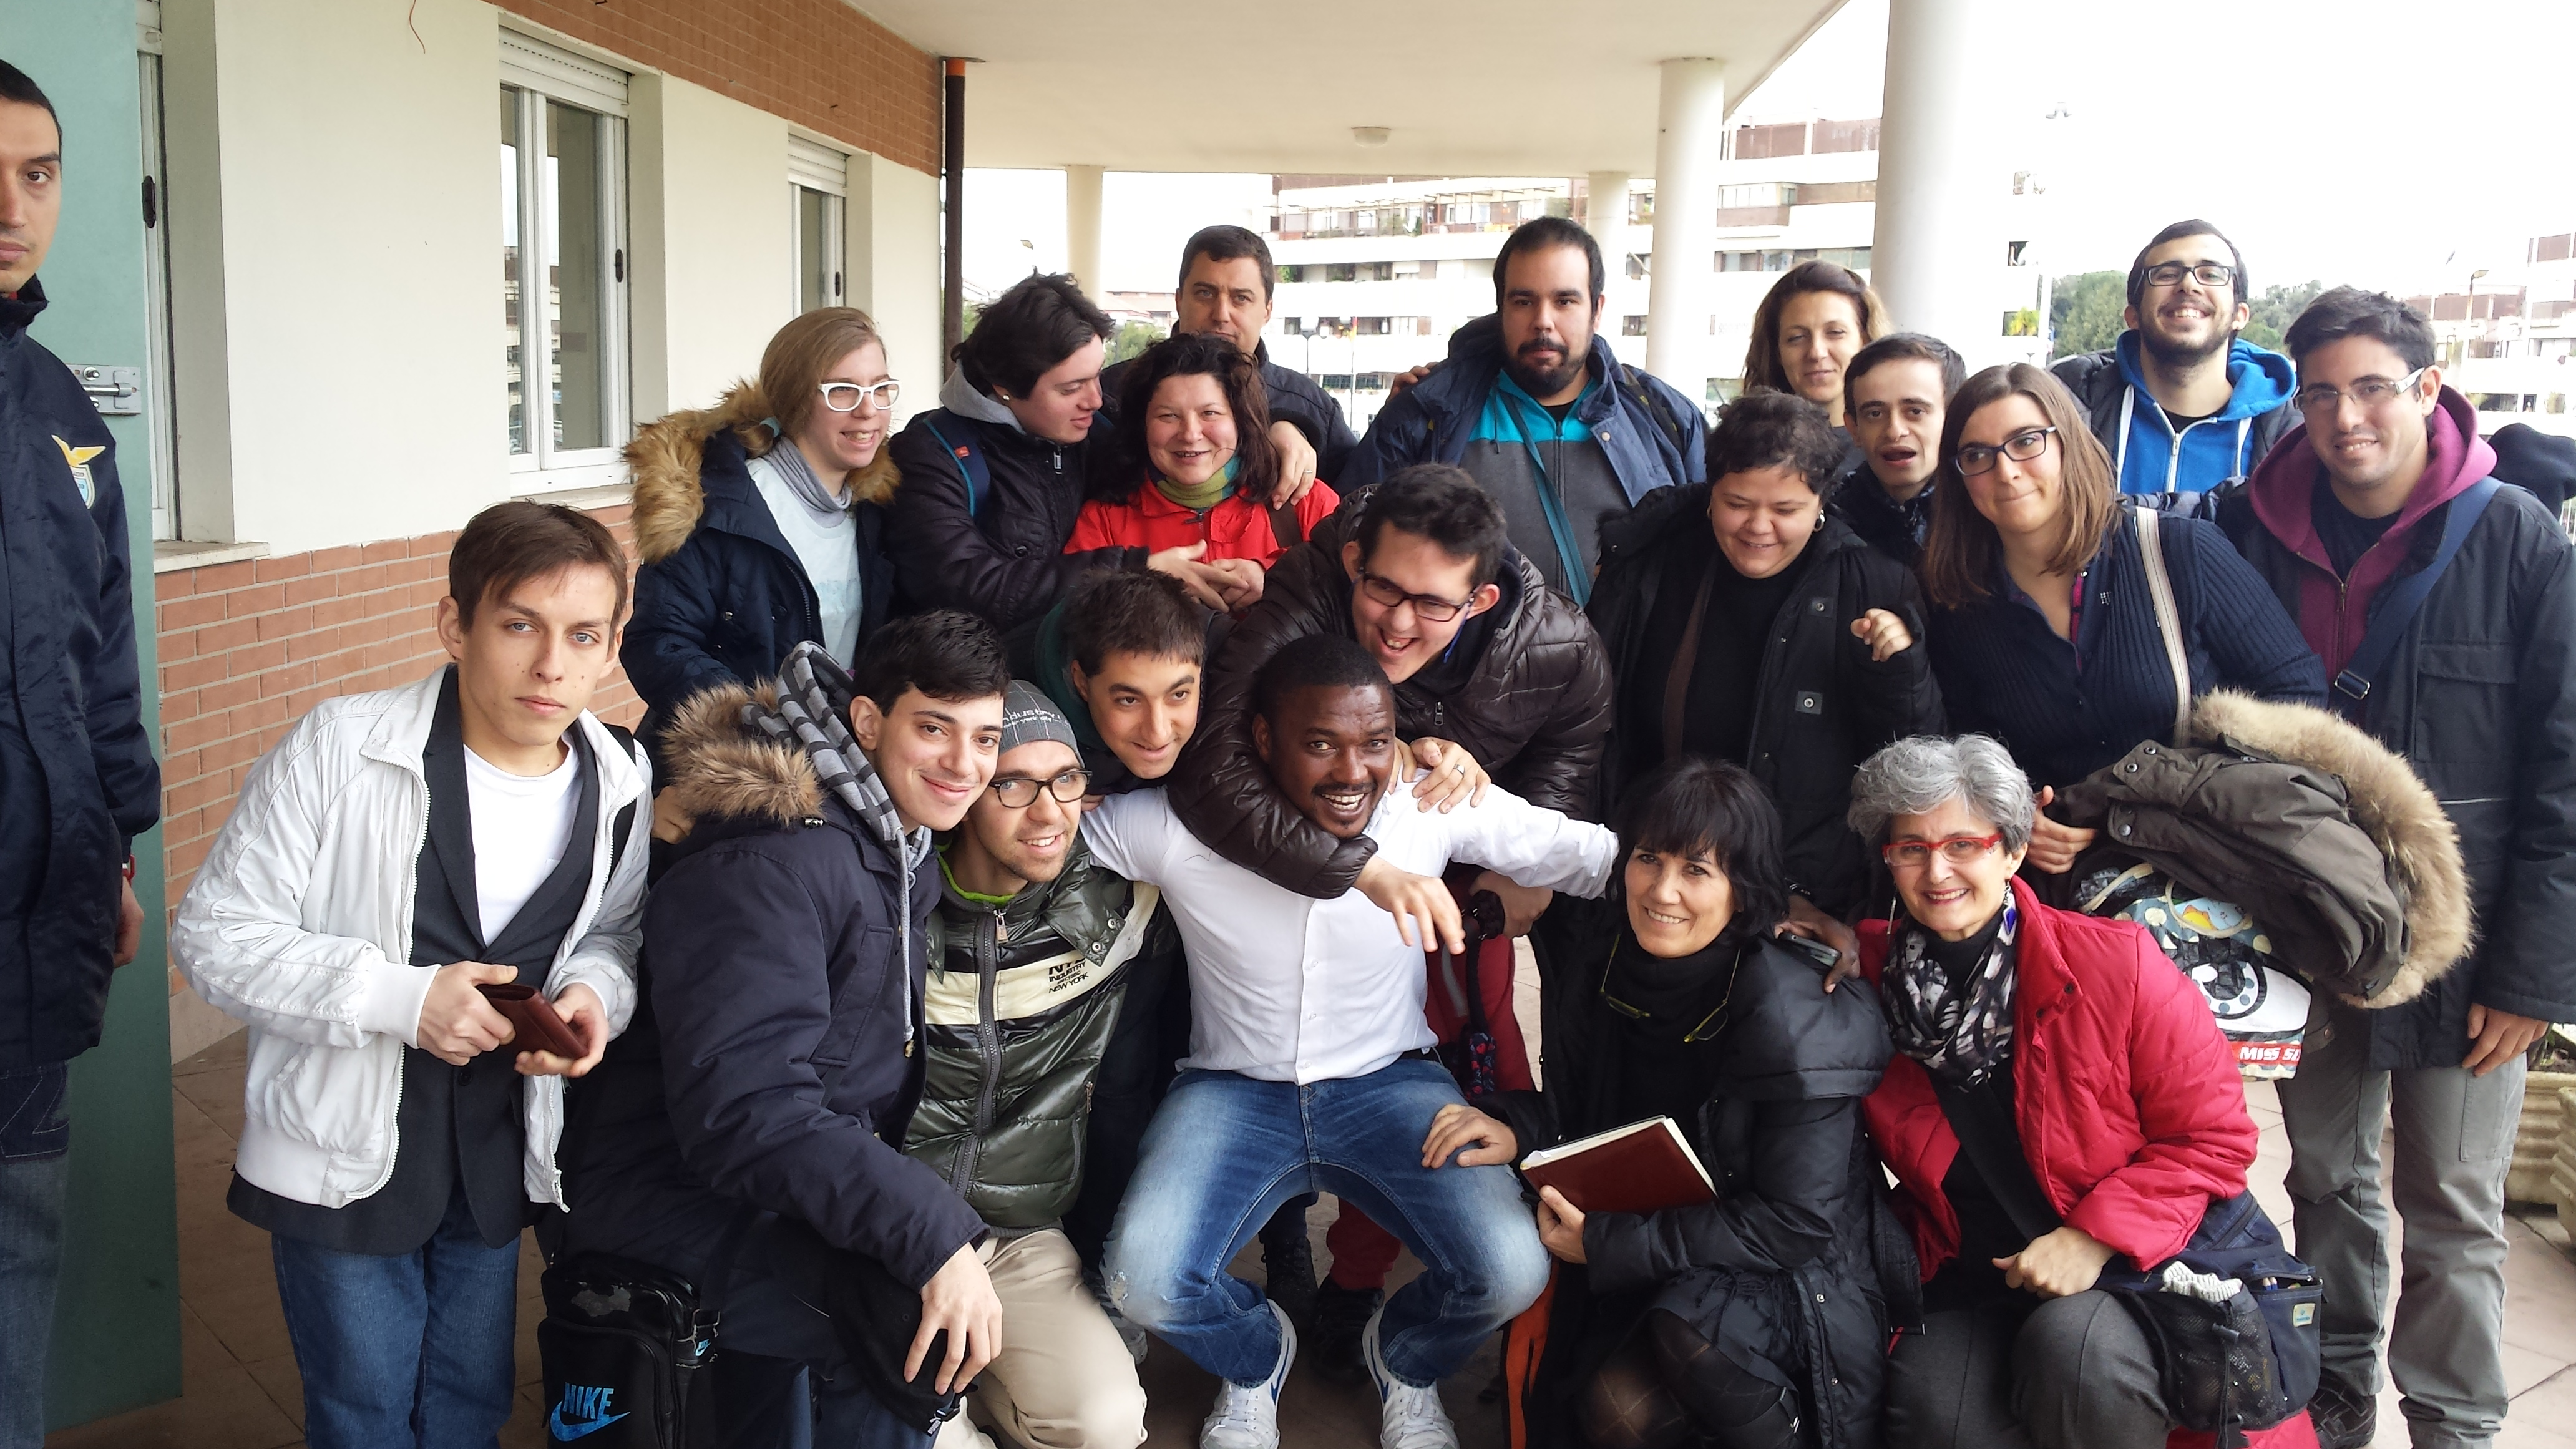 A scuola di integrazione: Programma integra incontra i ragazzi dell' Associazione Capodarco Roma